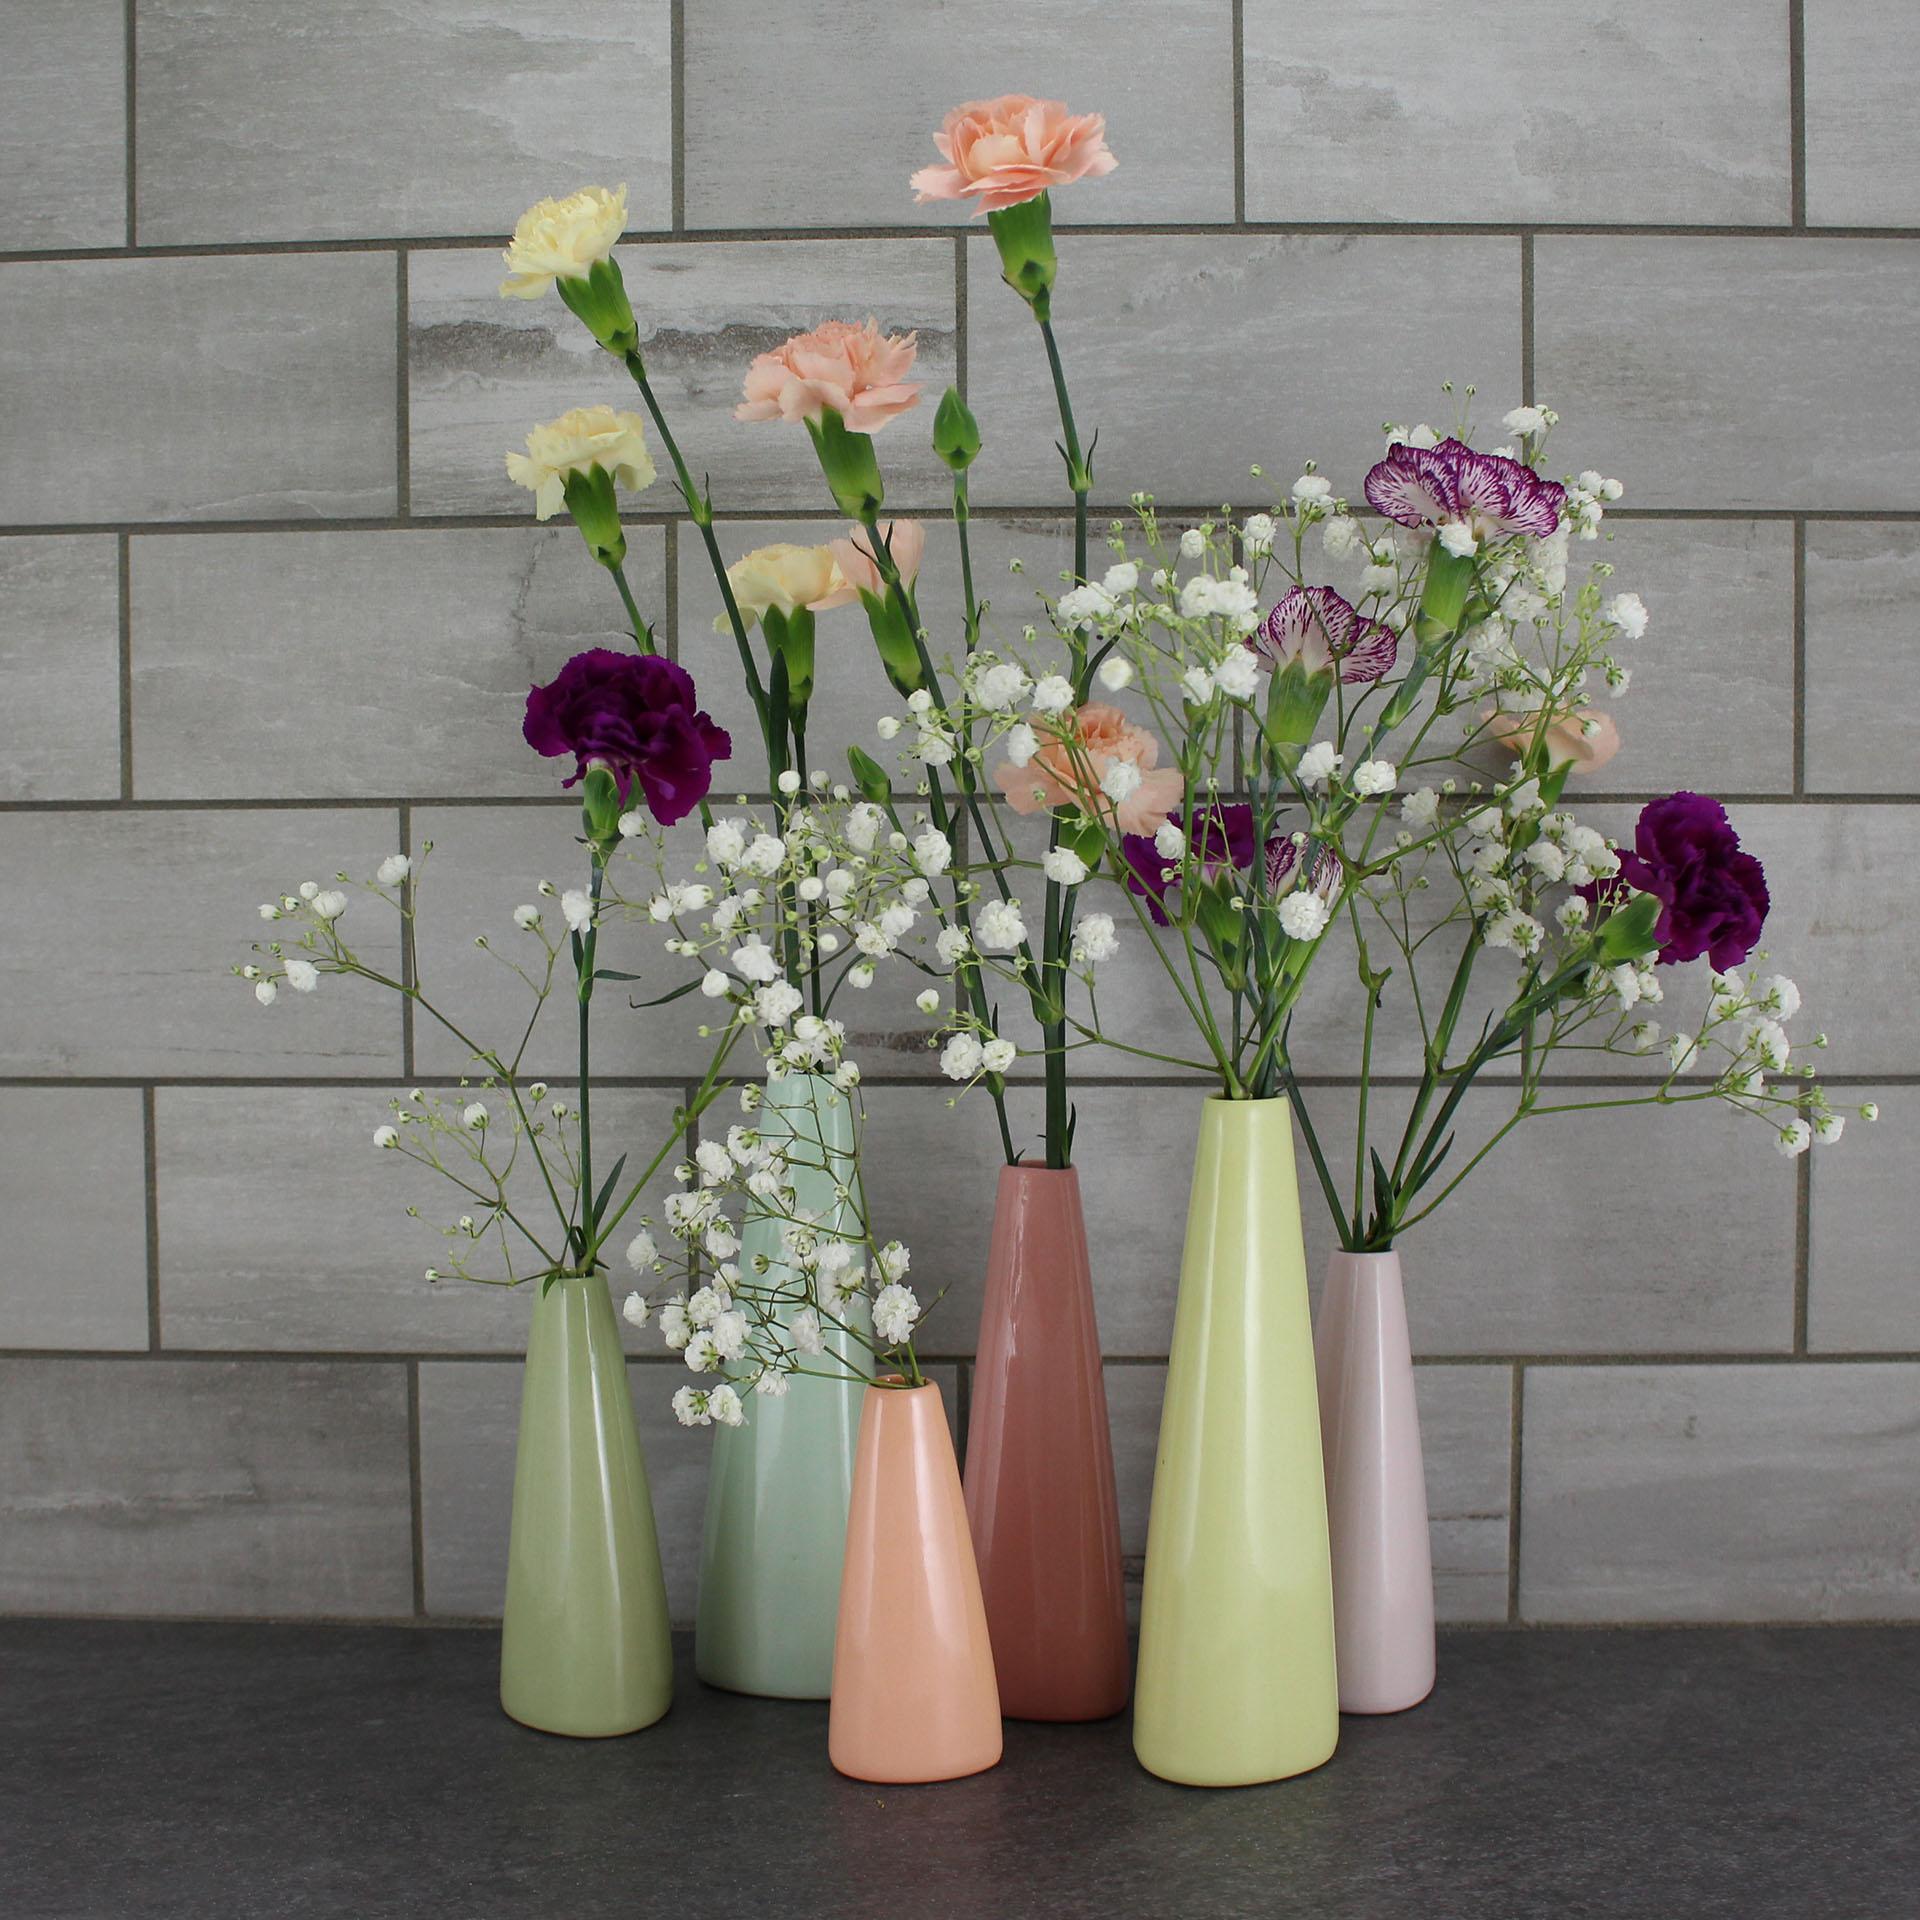 OC_vases_flowers.jpg